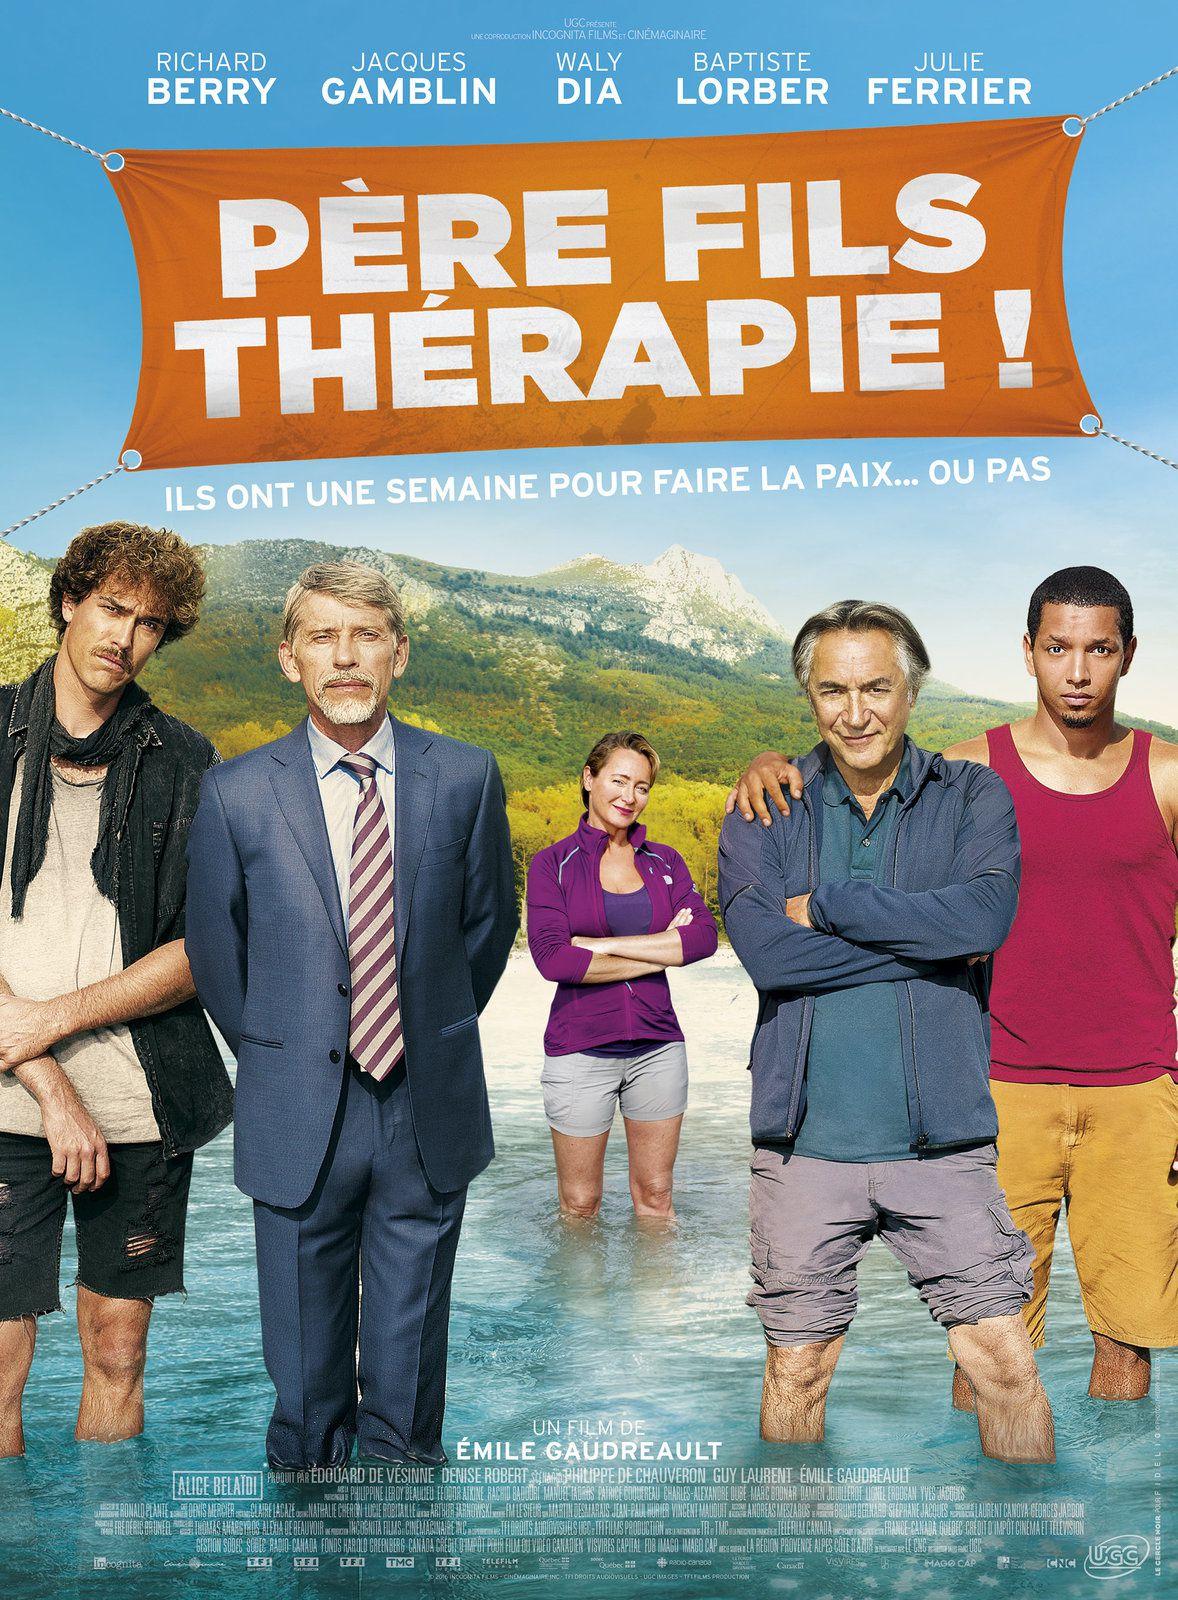 Bande-annonce de la comédie Père Fils Thérapie, avec Richard Berry et Waly Dia.